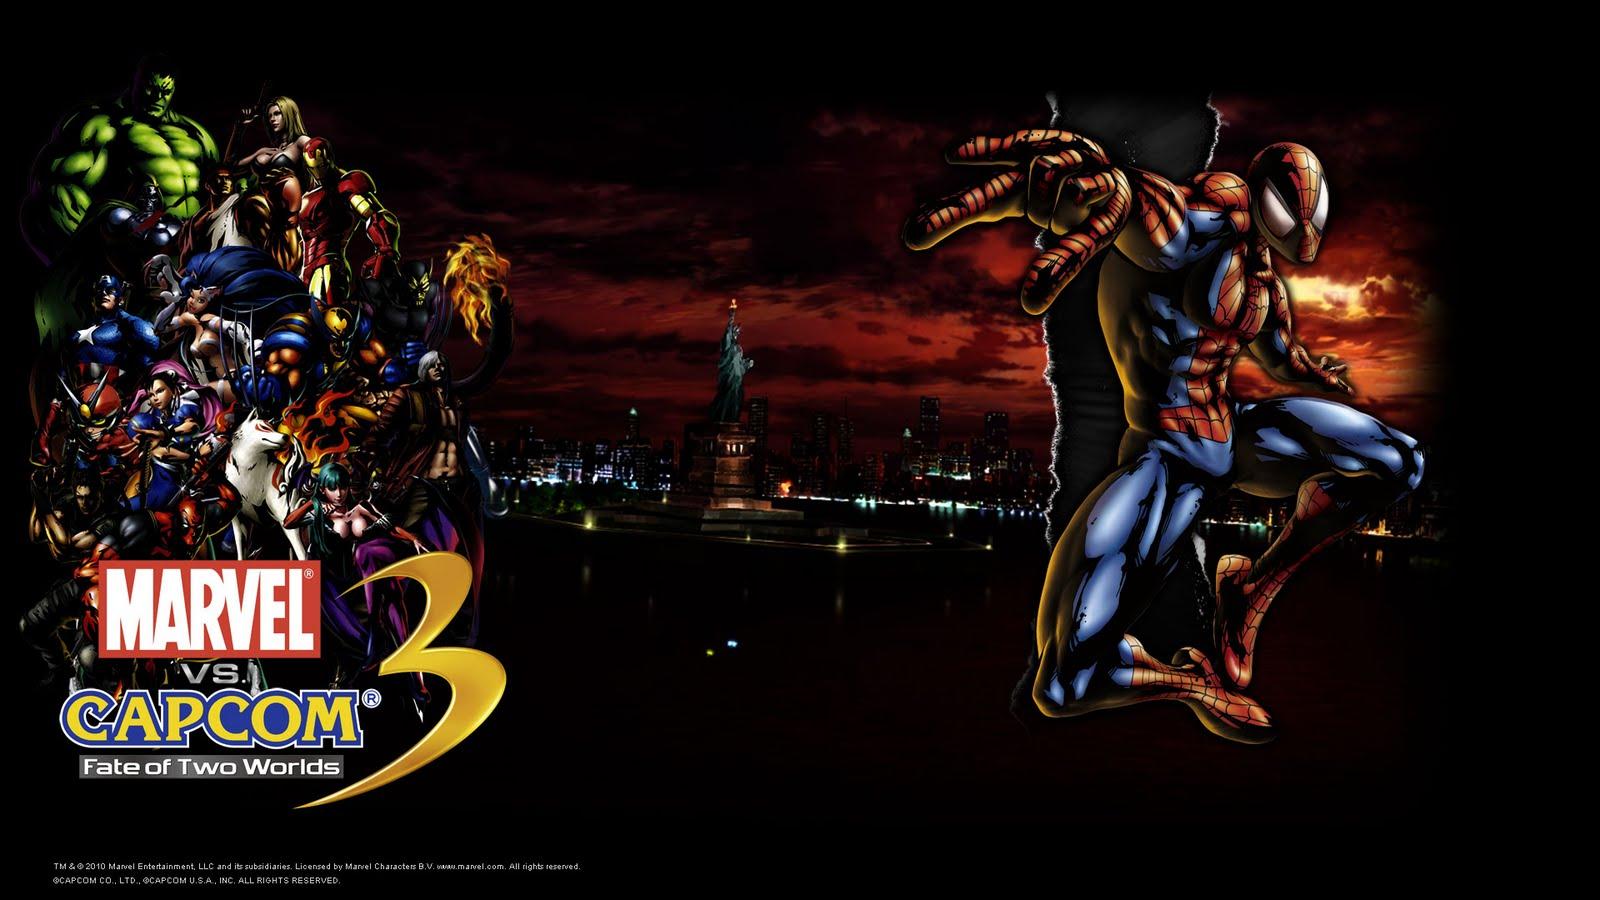 http://4.bp.blogspot.com/-eMy8d-okcZA/Tb88mqjXQ7I/AAAAAAAAAVs/5ZSTm1eD8II/s1600/spider+man+marvel+vs+capcom+3+wallpaper.jpg